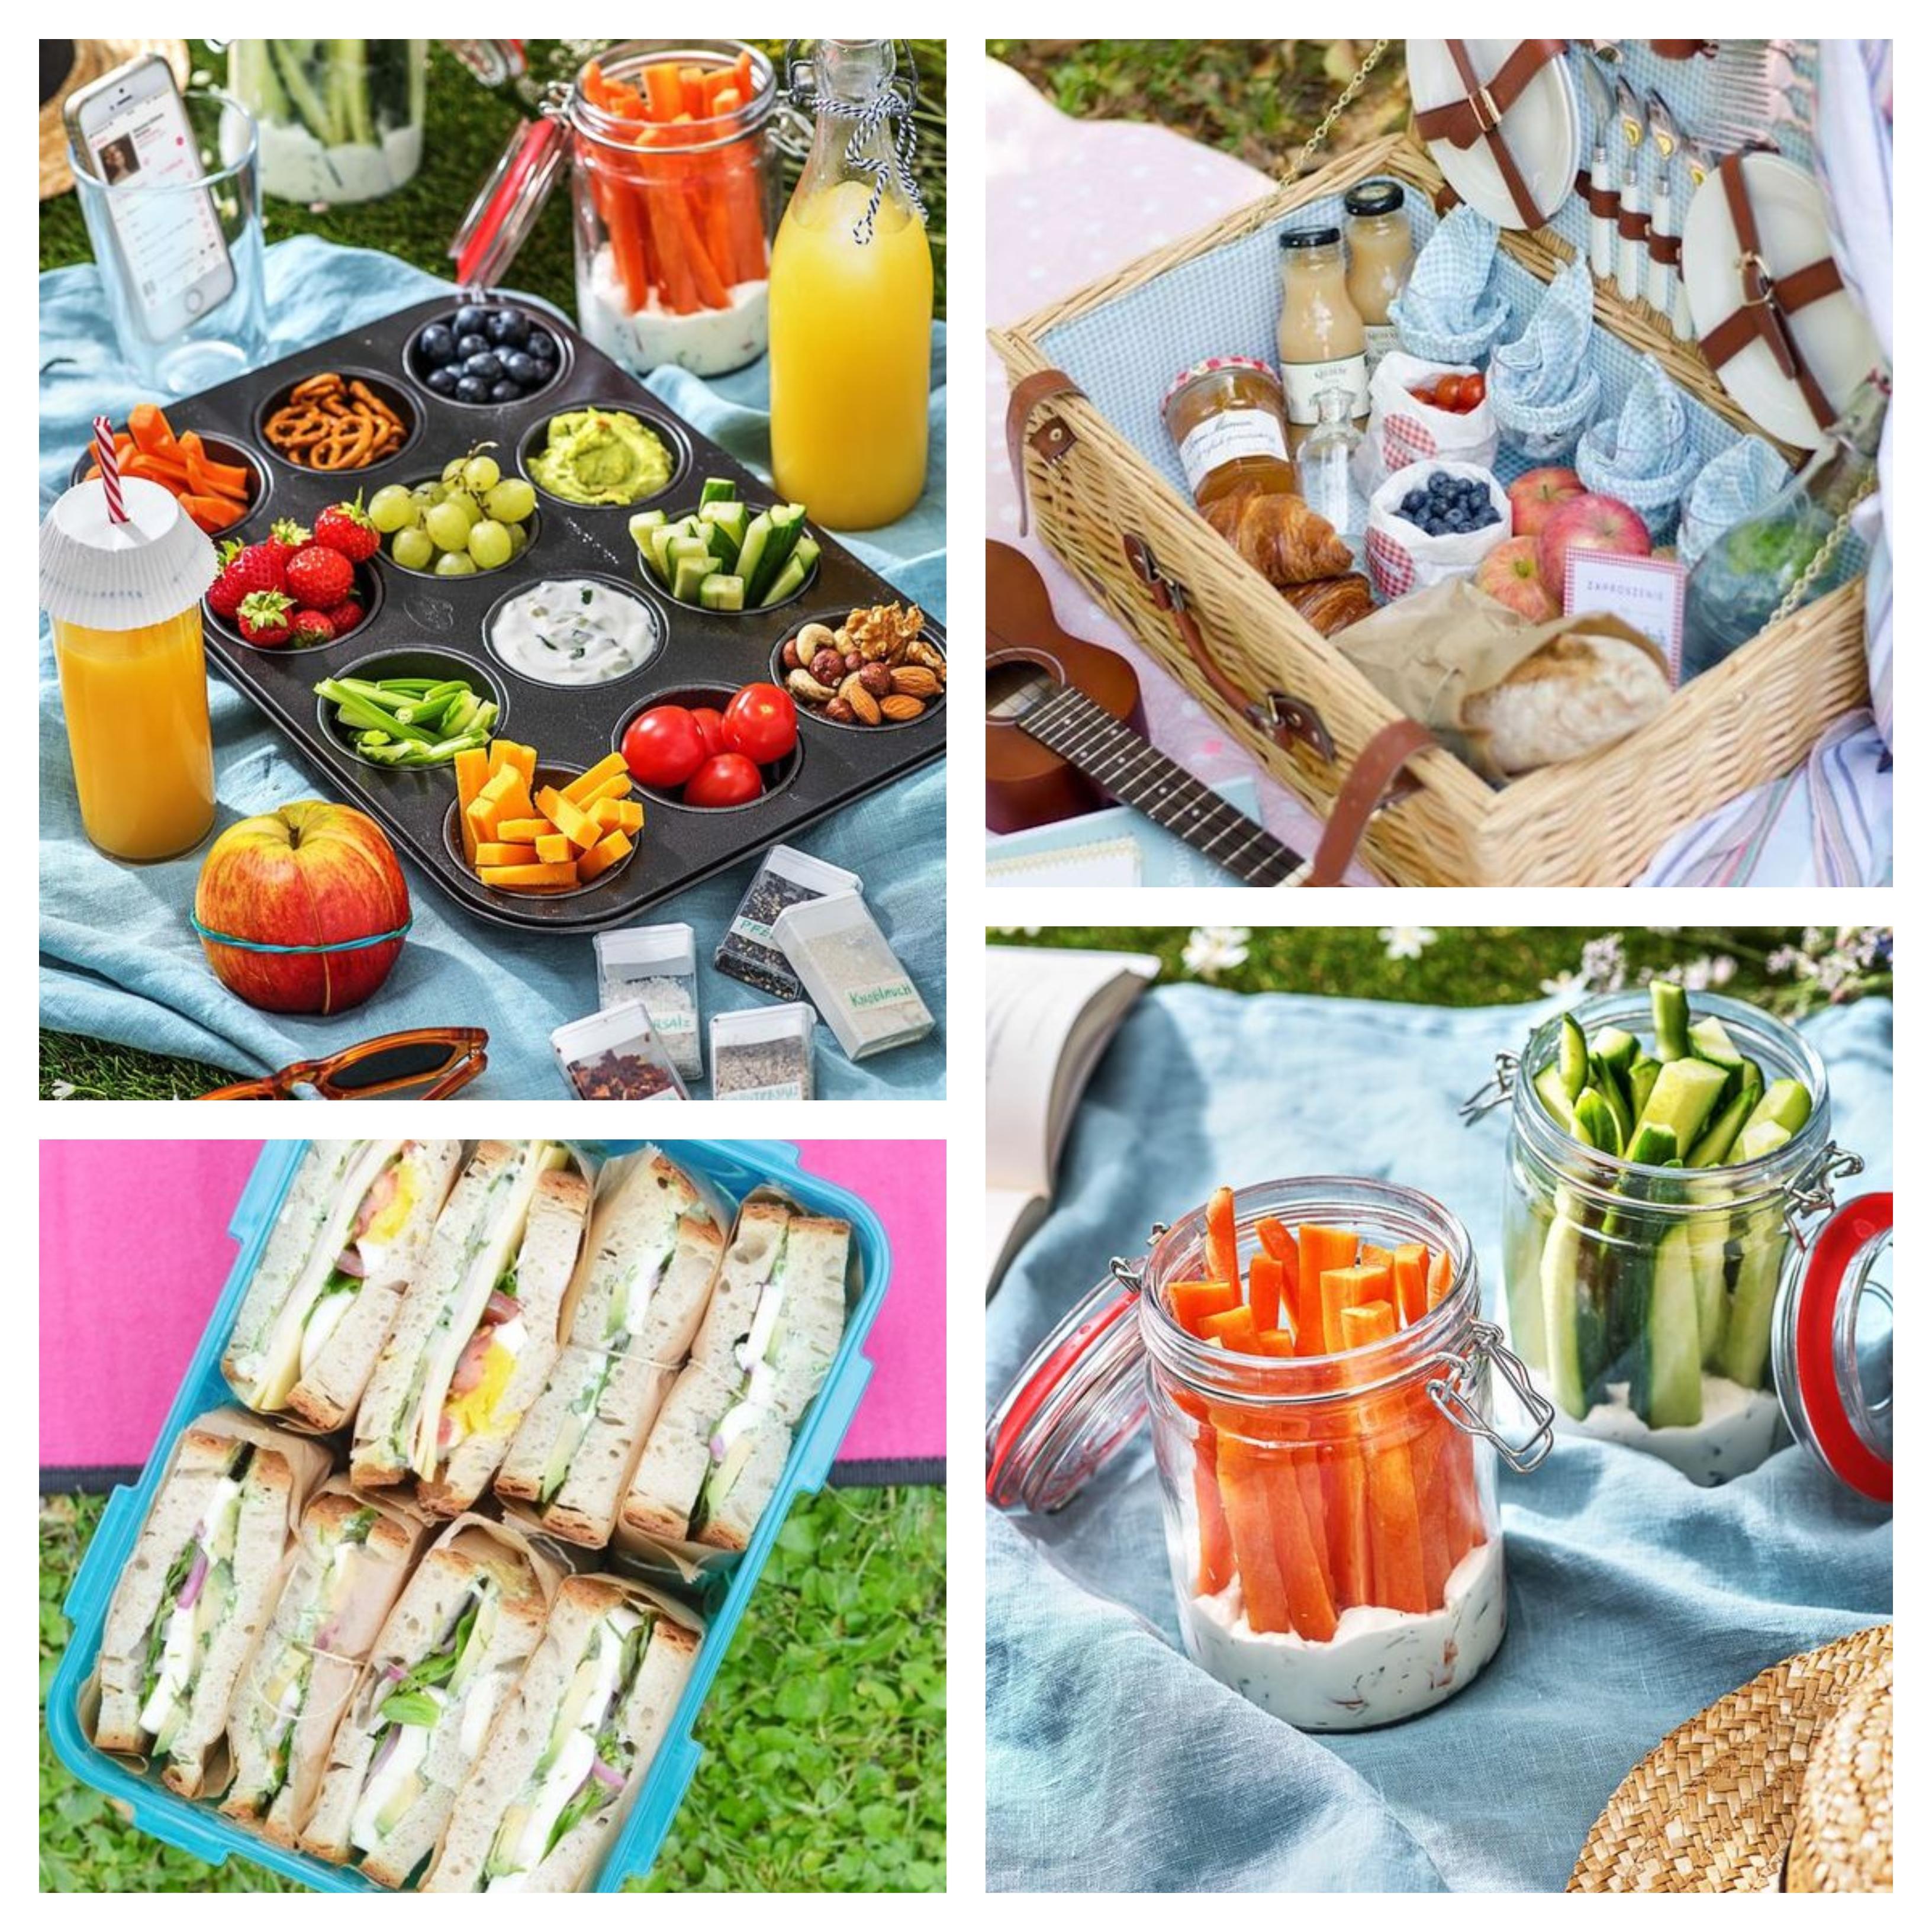 Zeit für Picknick - Tolle herbstliche Picknick-Ideen